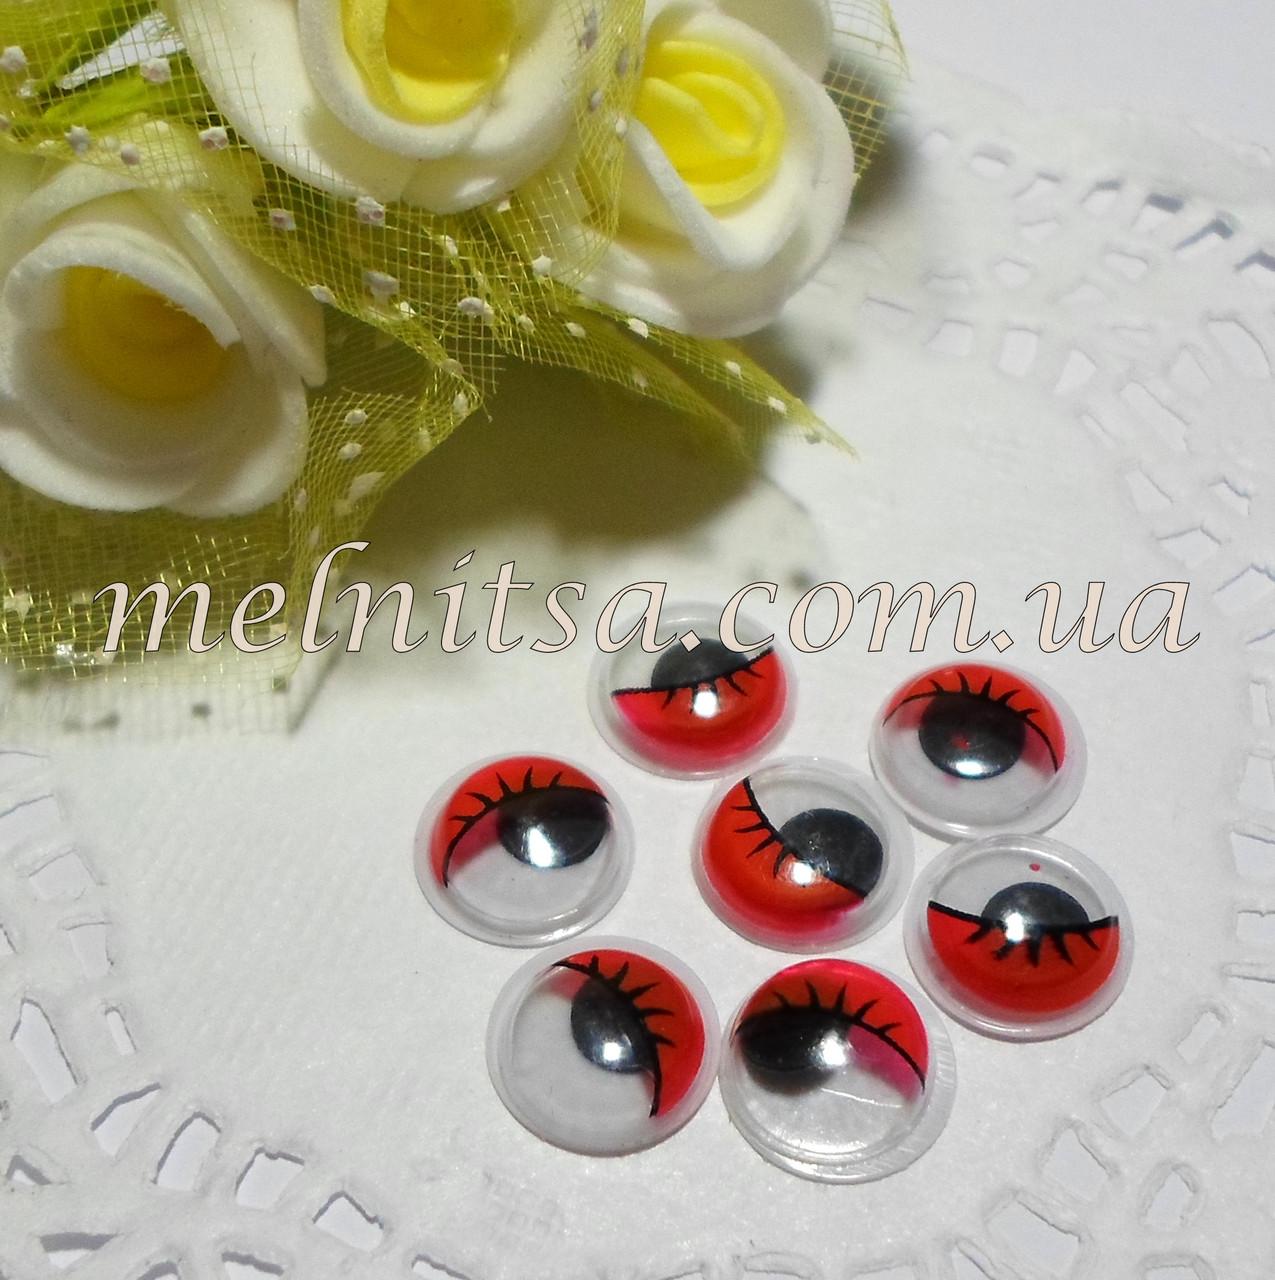 Глазки для игрушек, красные с ресничками, 8 мм, подвижные, 10 шт. ( 5 пар)